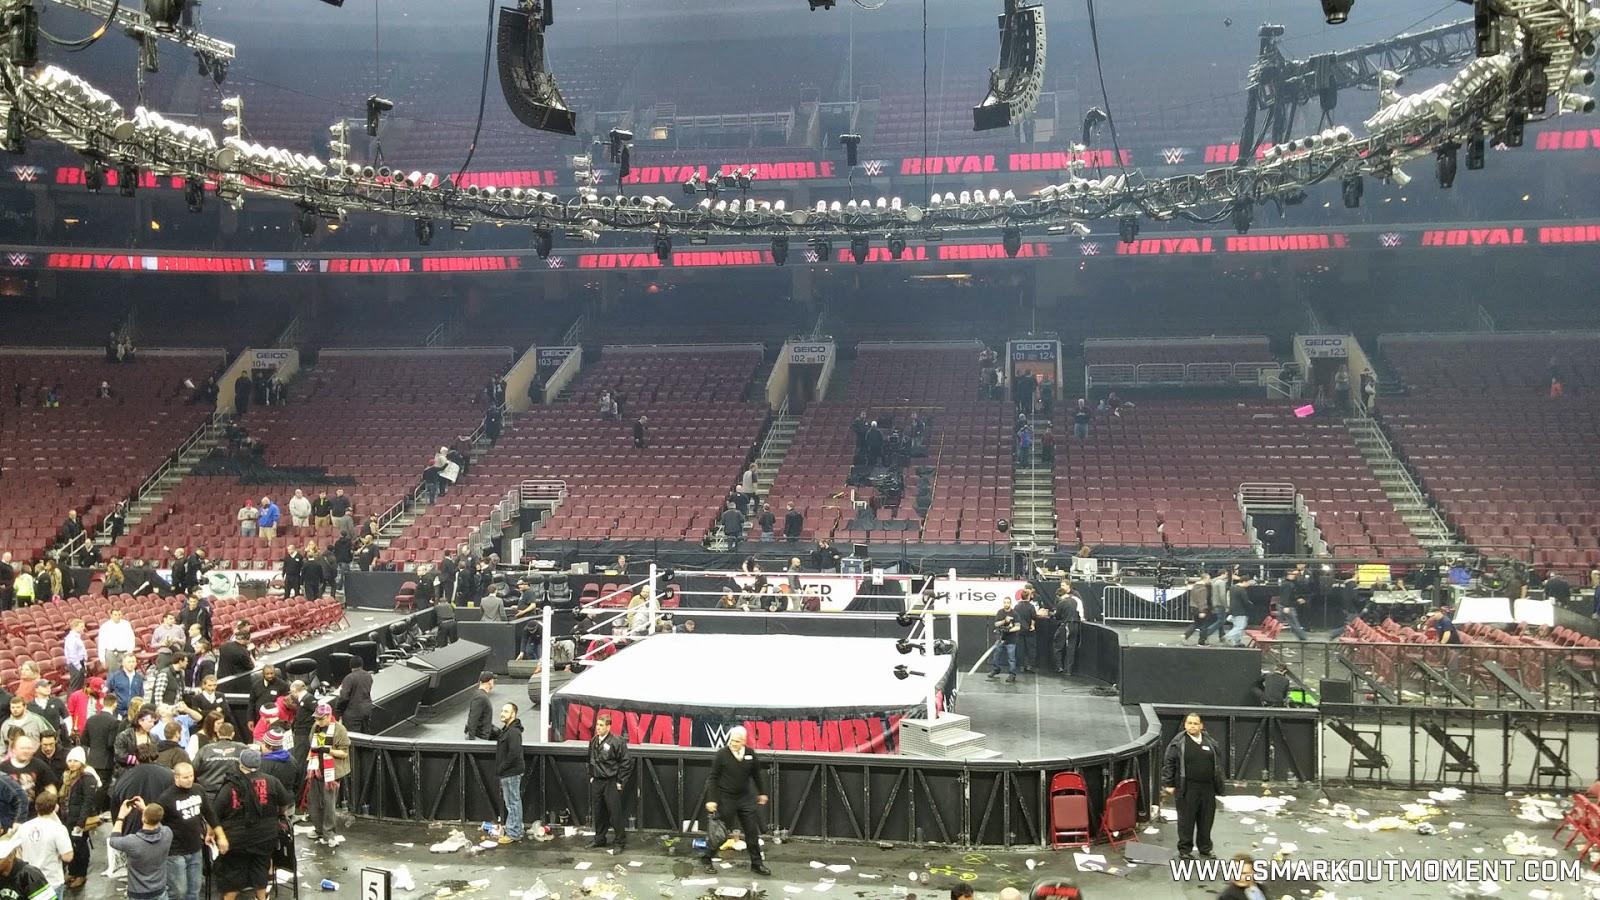 WWE Royal Rumble 2015 garbage trash